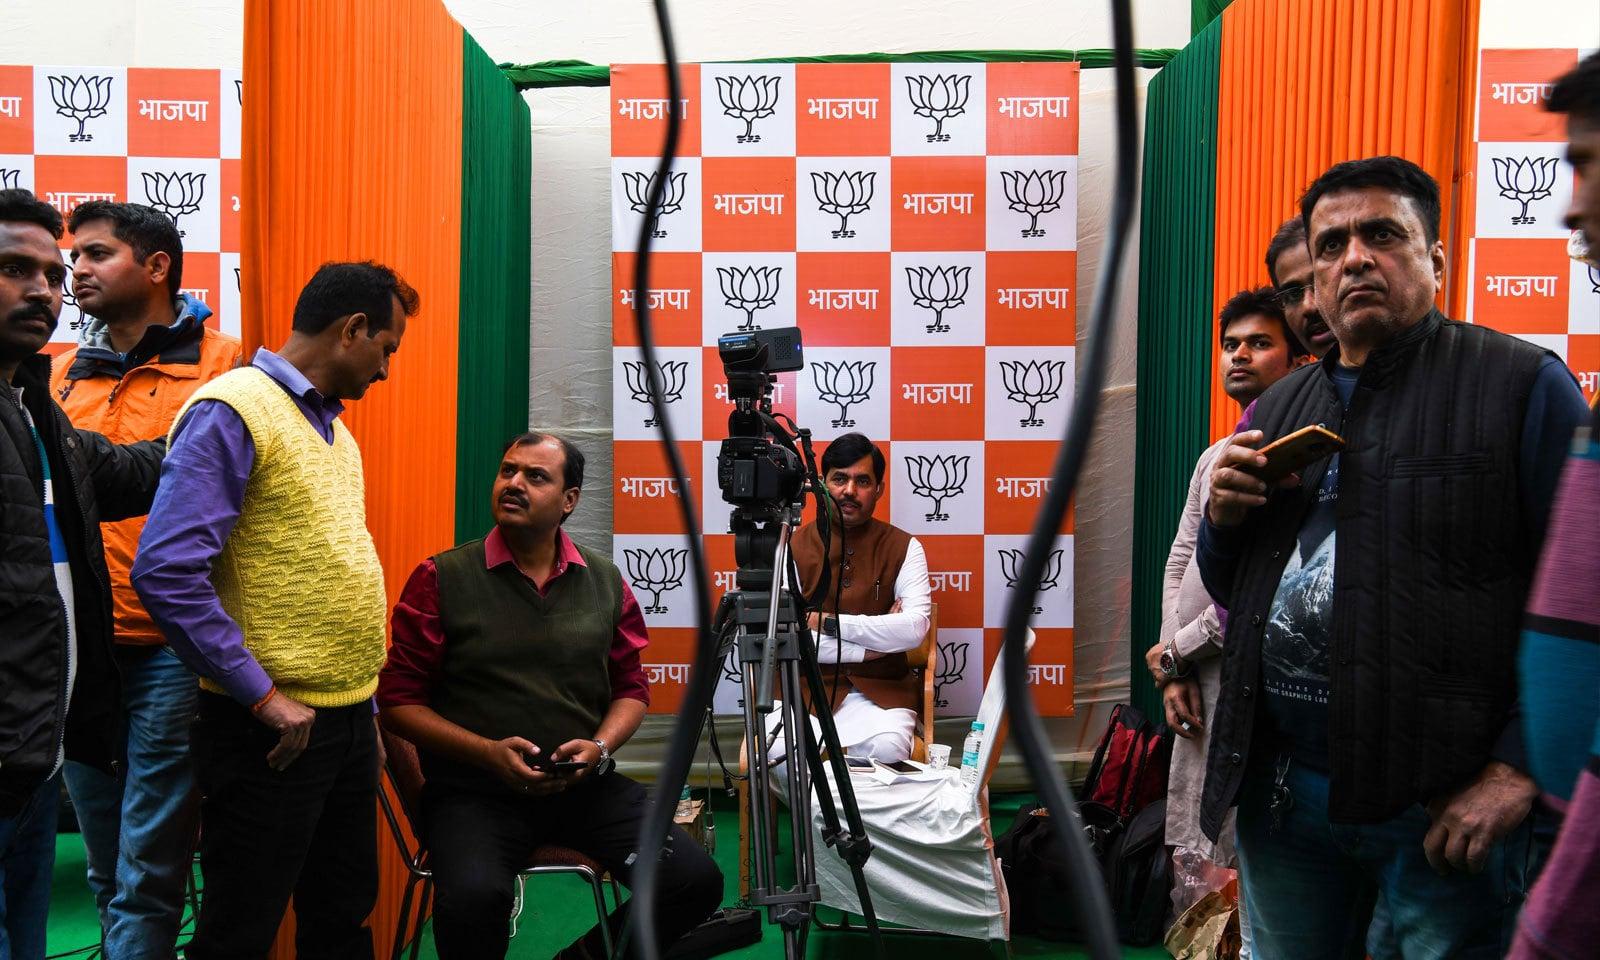 دہلی میں بی جے پی کے میڈیا سیل میں الیکشن کے نتائج  دیکھے جارہے ہیں — فوٹو: اے ایف پی